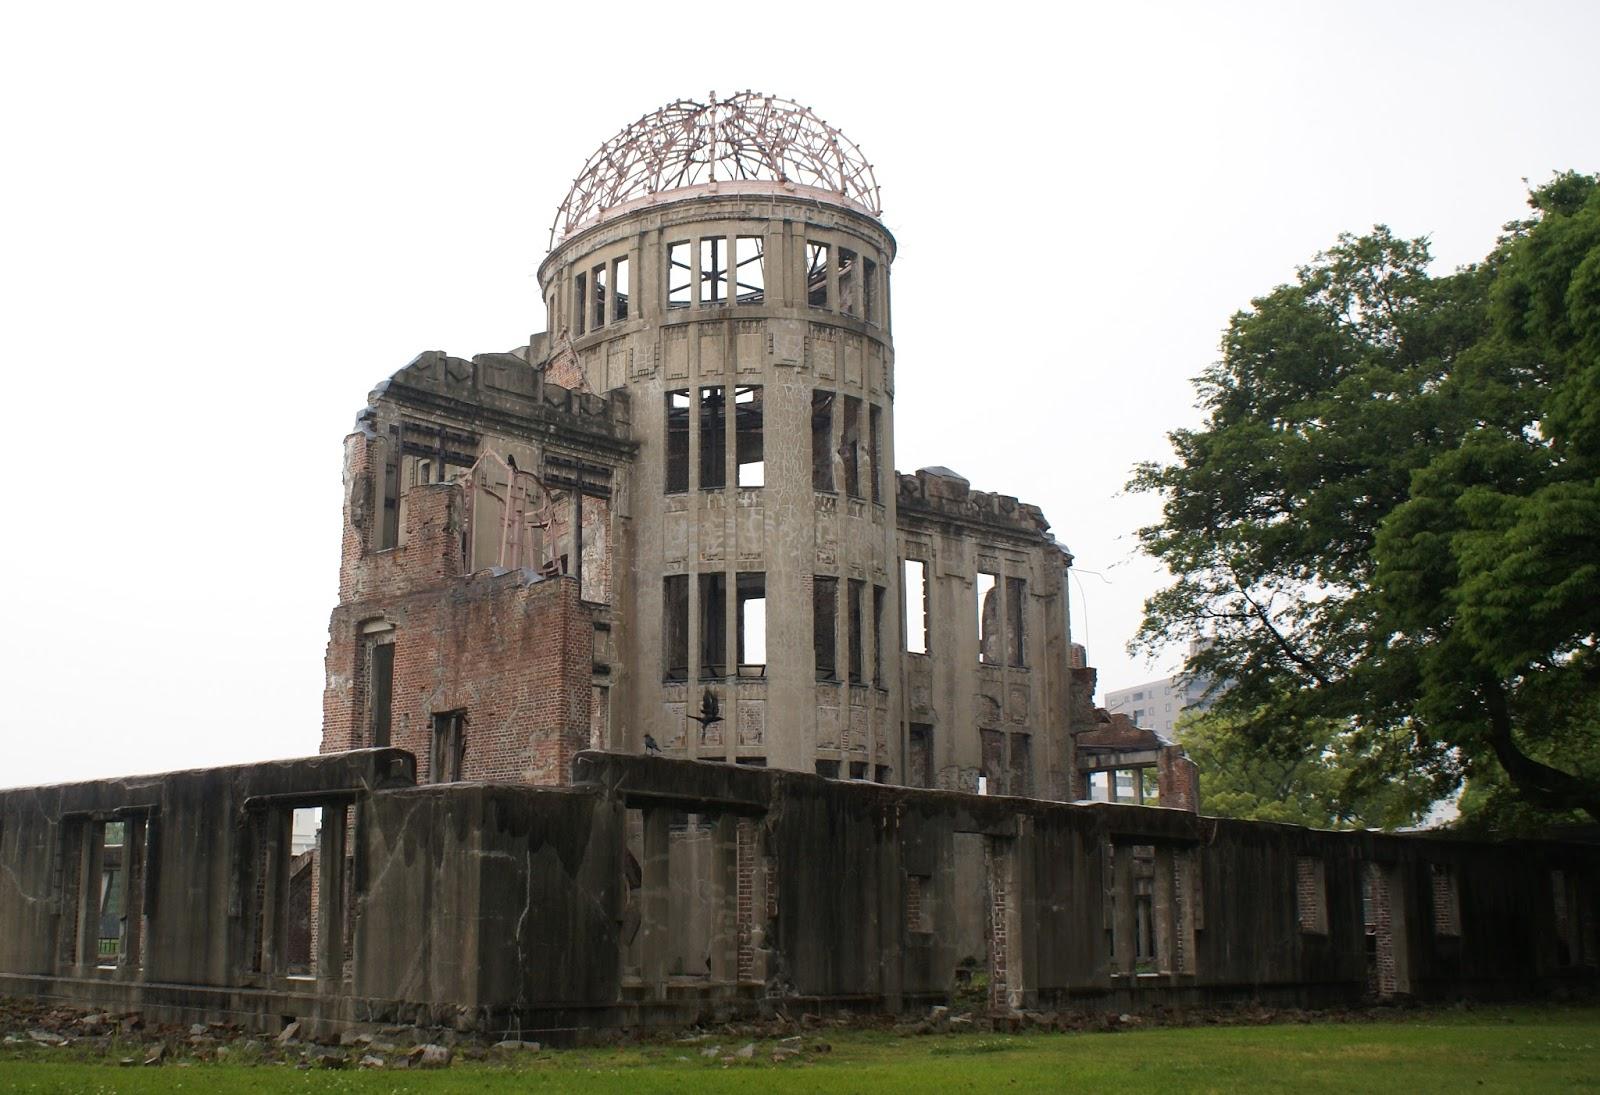 hiroshima genbaku dome japon